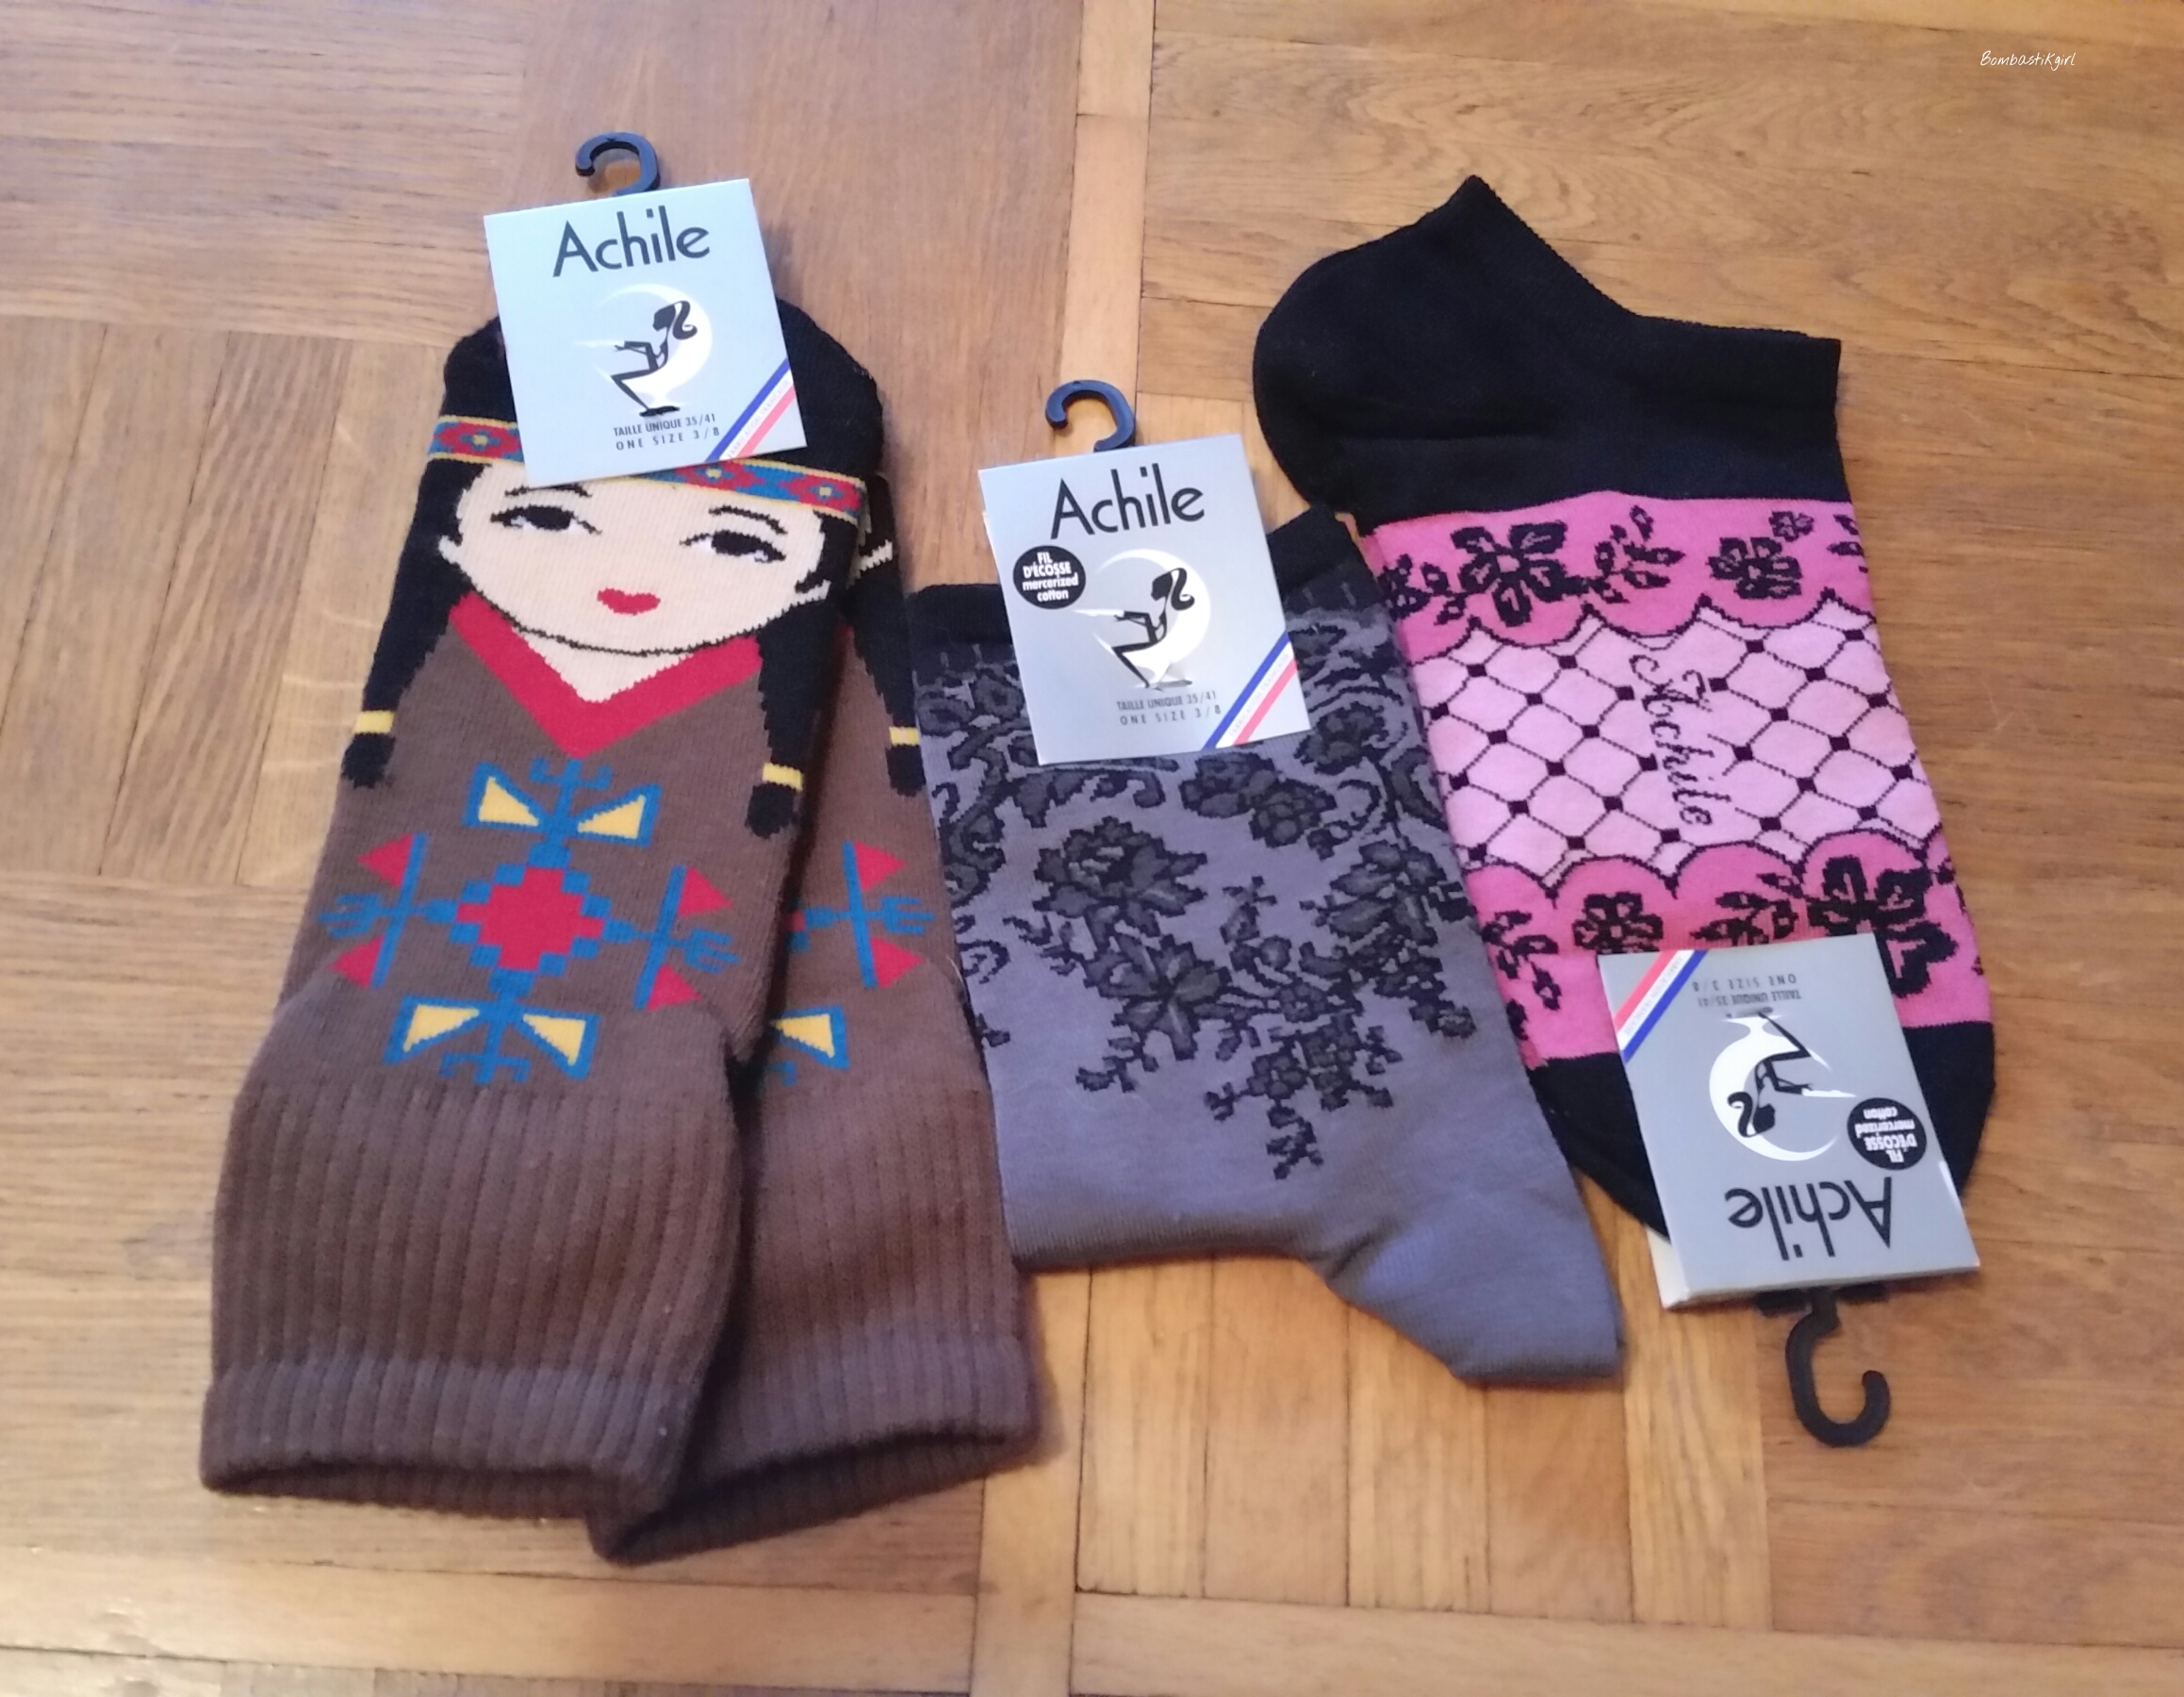 Achile, des chaussettes fantaisie  de qualité pour égayer la vie + Concours